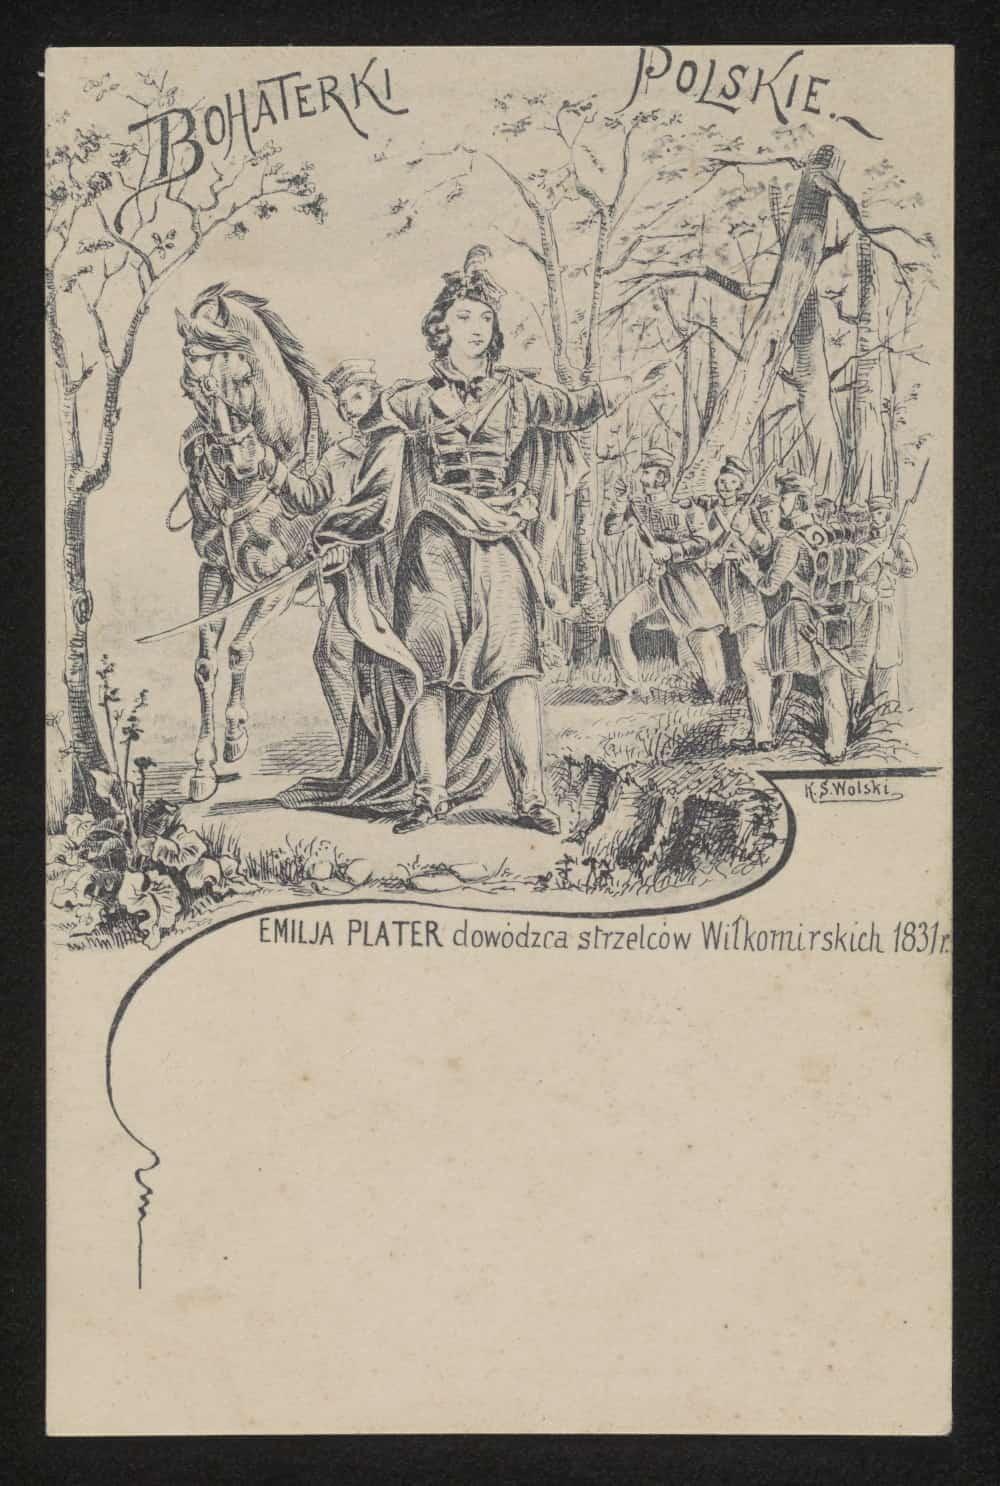 Emilia Broel-Plater herbu Plater (ur. 13 listopada 1806 w Wilnie, zm. 23 grudnia 1831 w Justianowie). Źródło: Polona